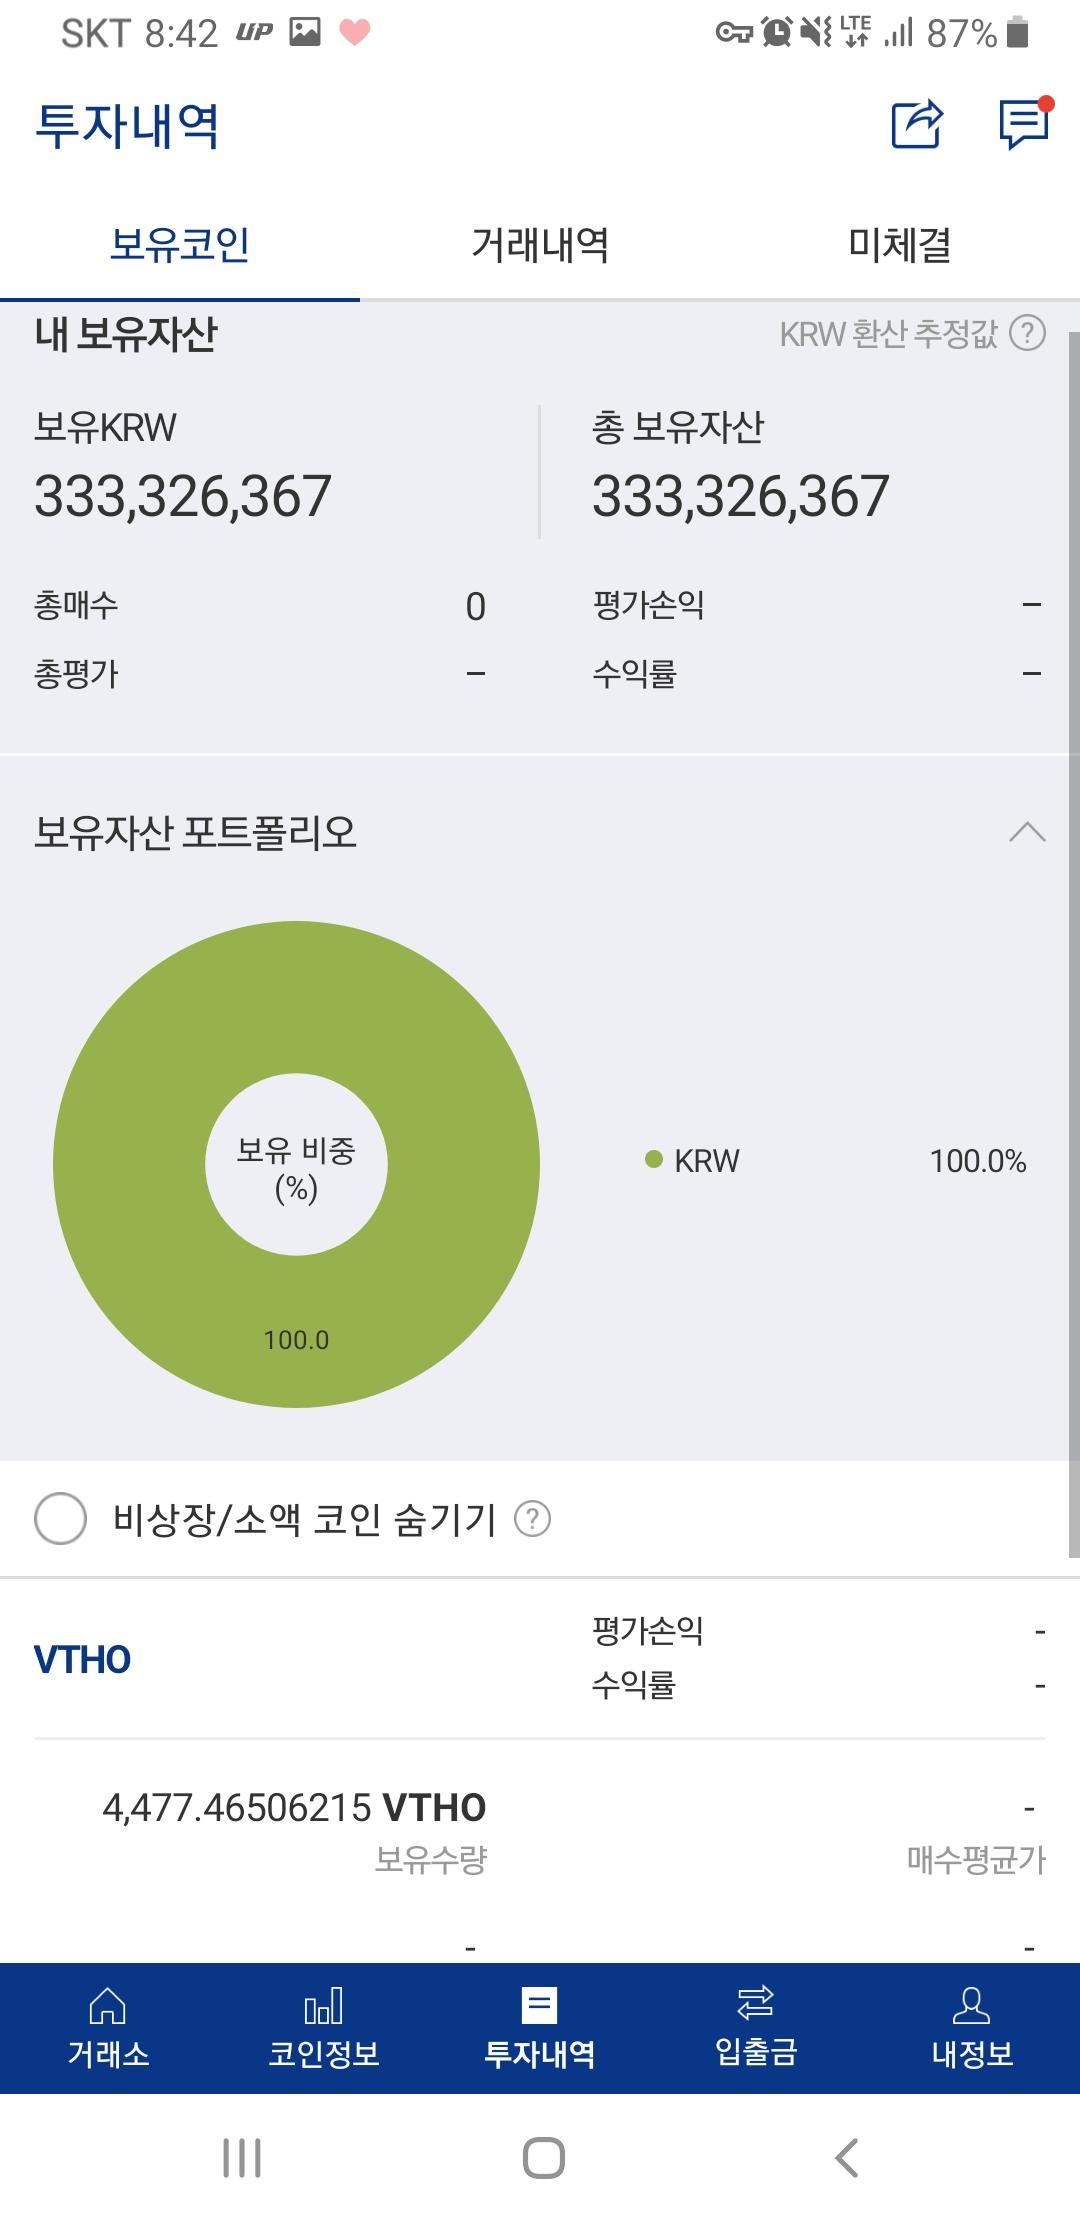 Screenshot_20210218-084245.jpg : 페이 3시간 2억 수익